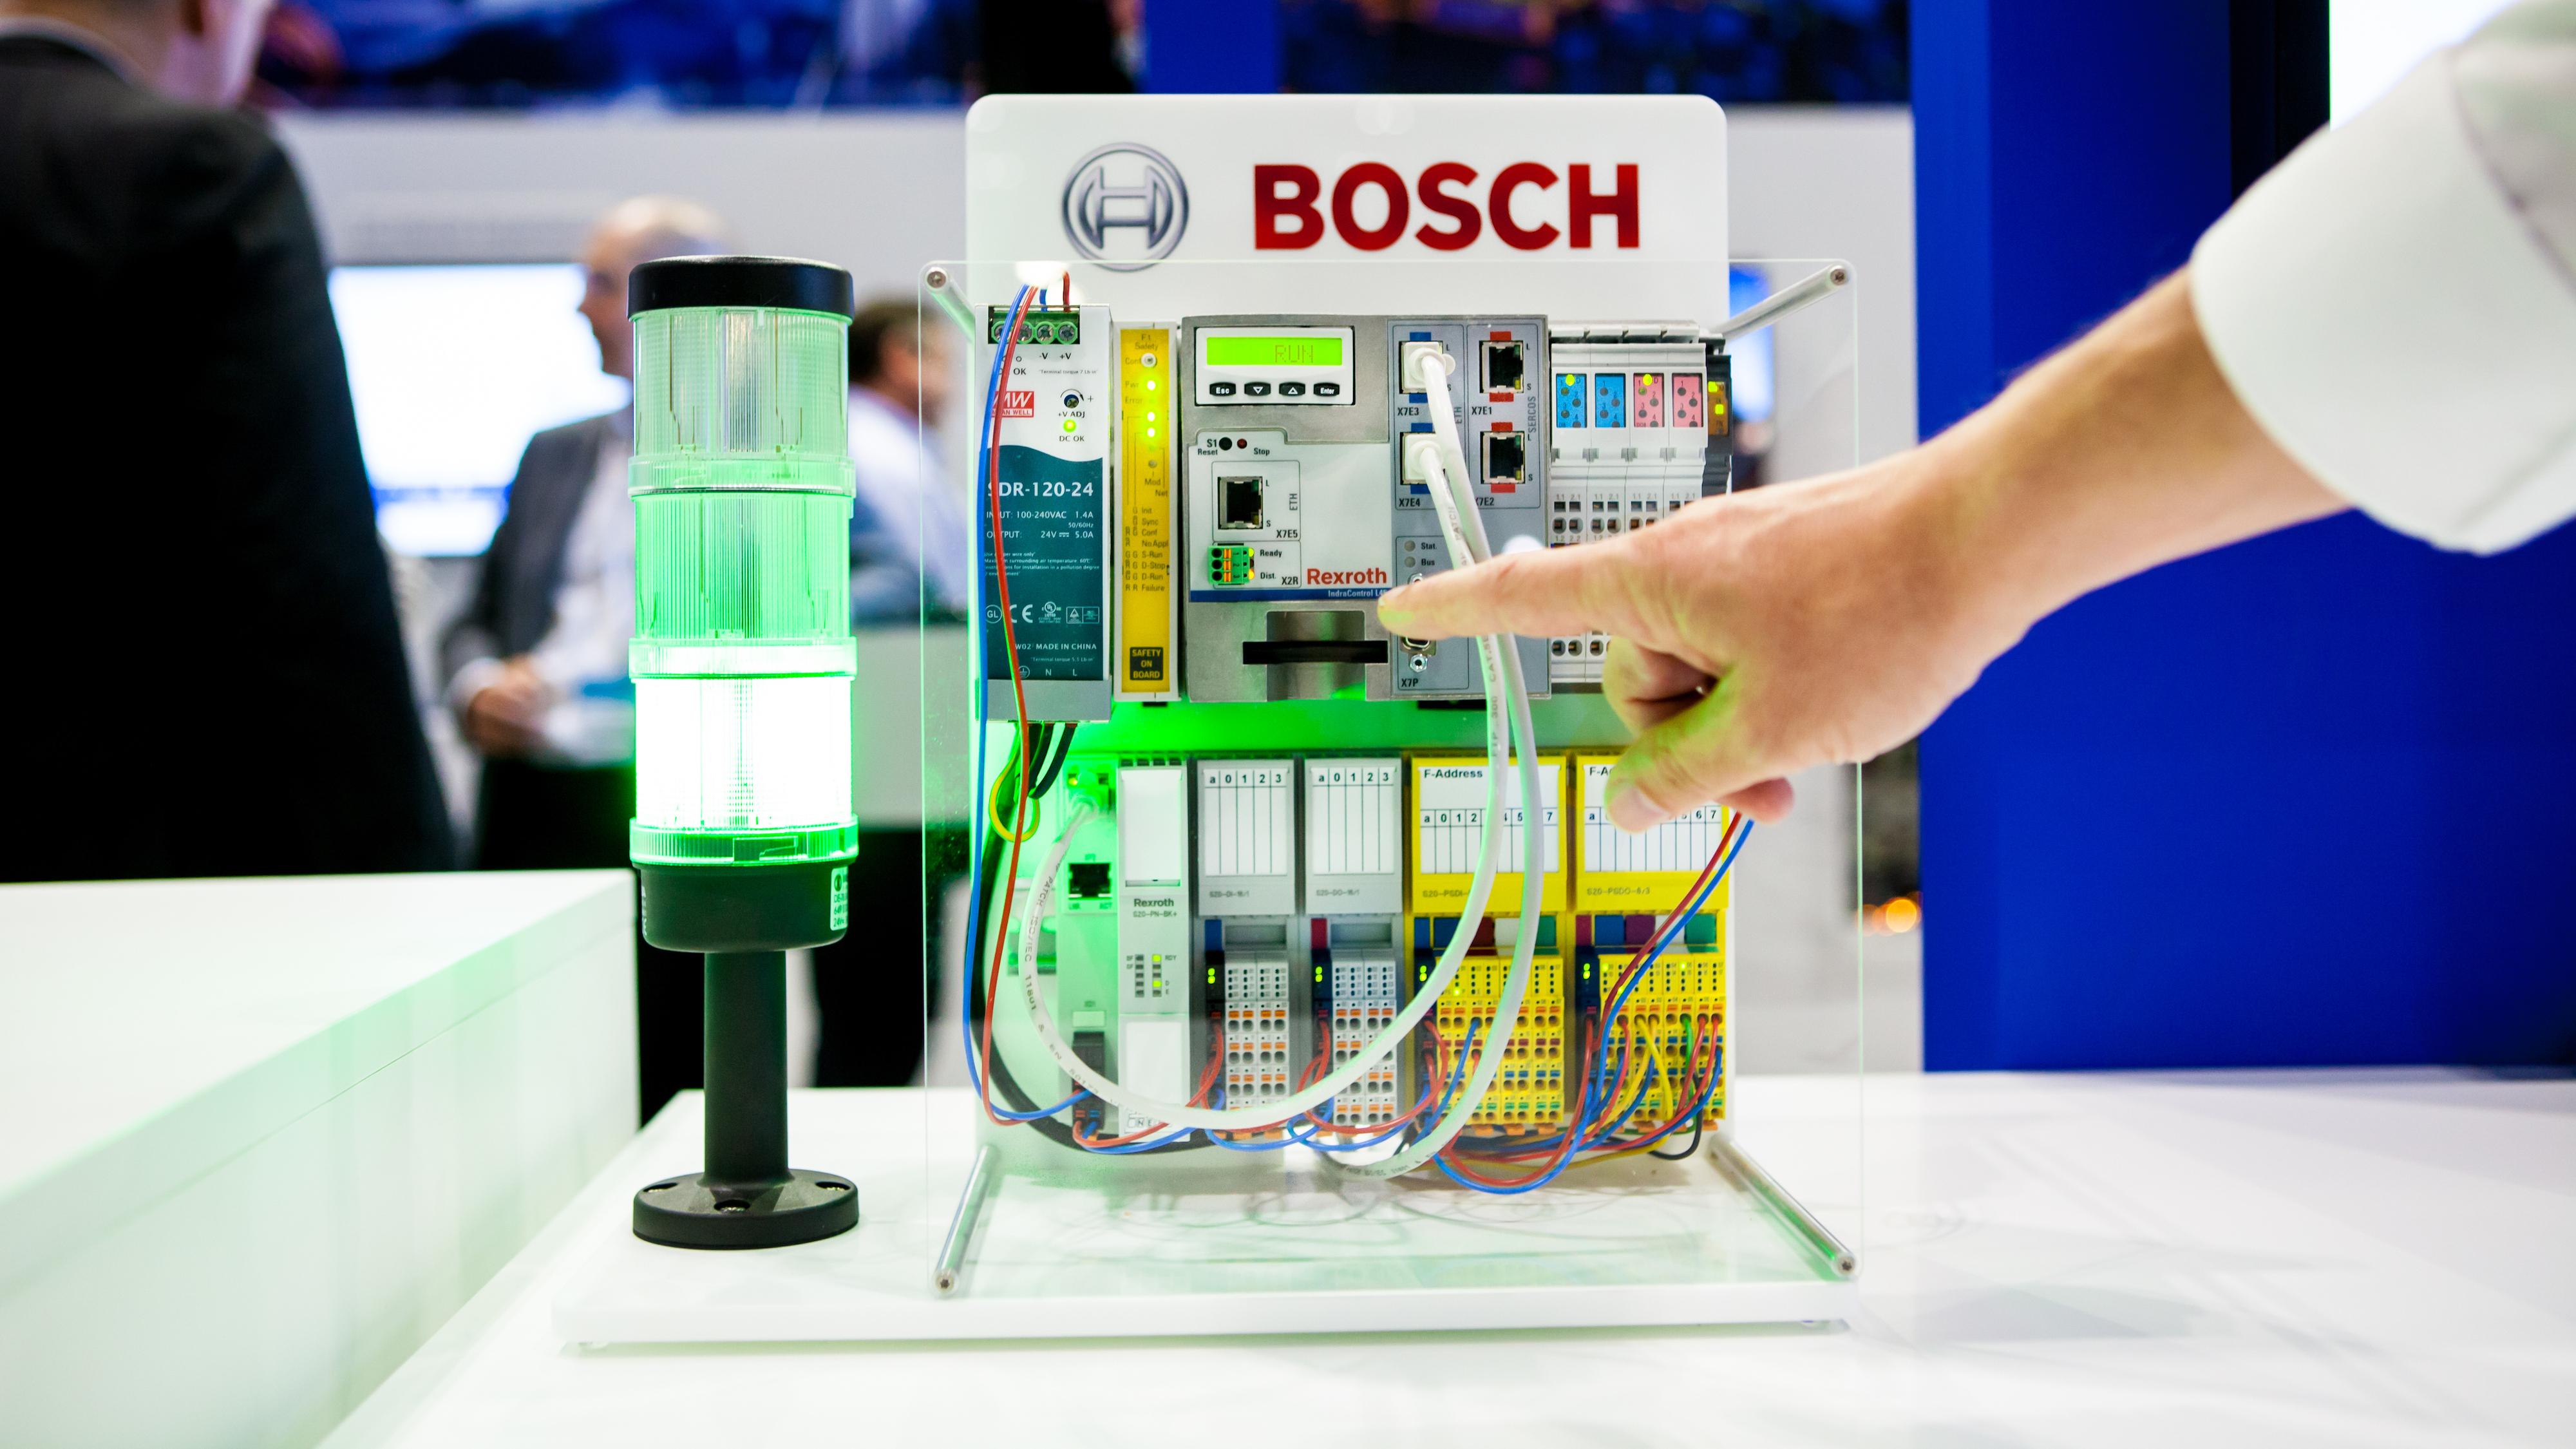 Bosch 5G demonstrator